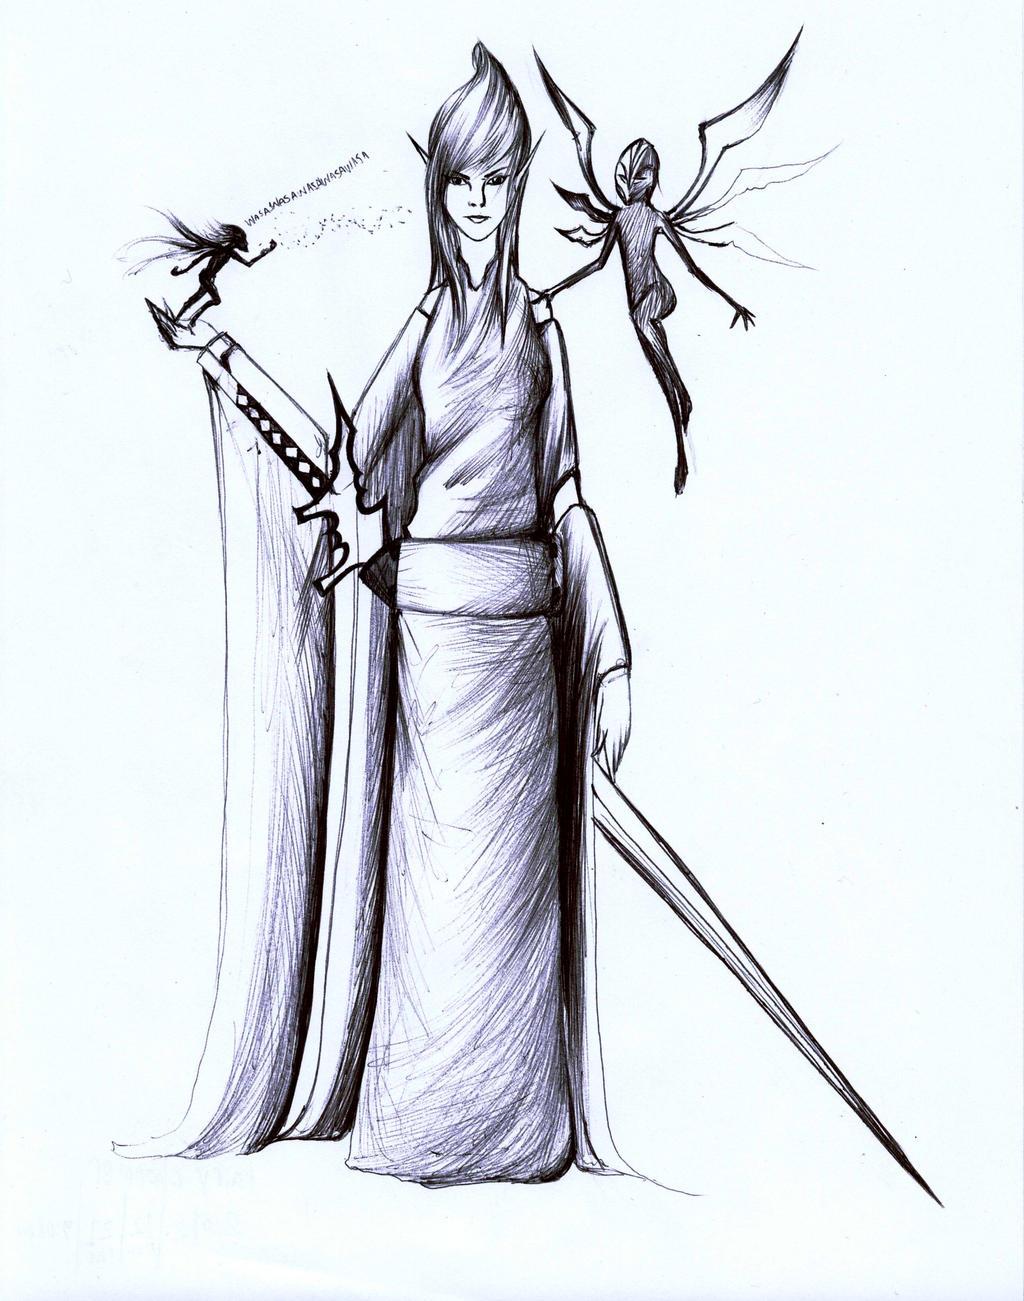 Fairy charmer 2012 by Antervantei